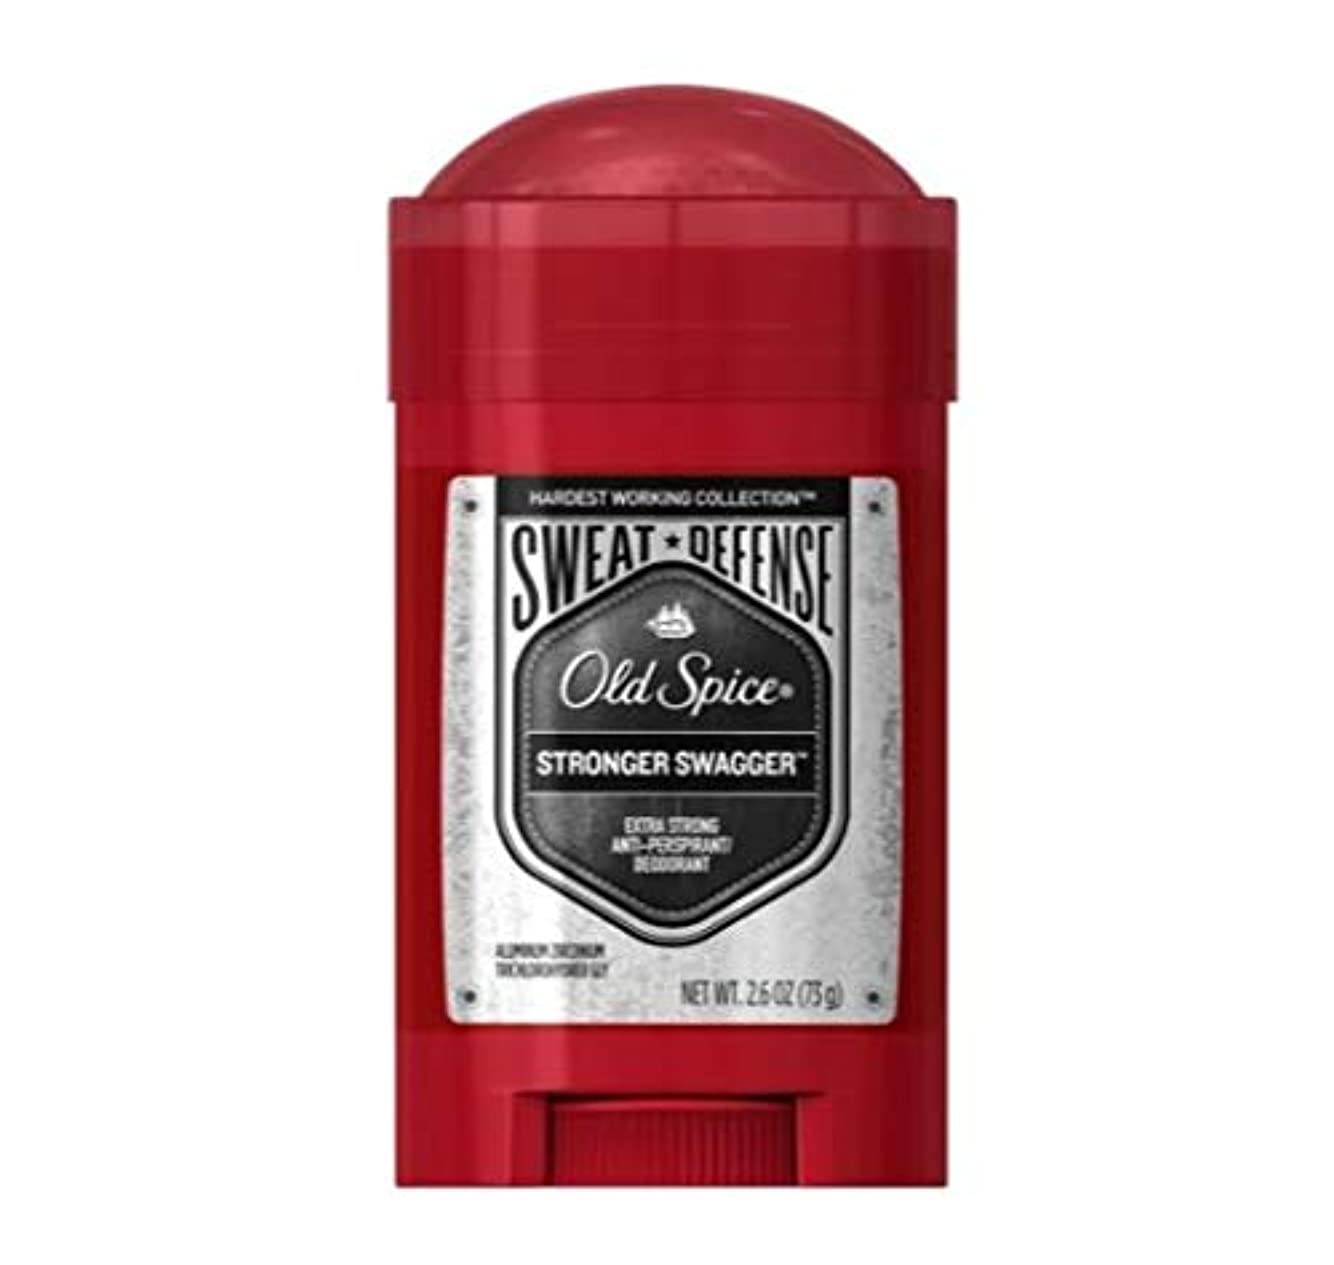 献身詳細に衣服Old Spice Hardest Working Collection Sweat Defense Stronger Swagger Antiperspirant and Deodorant - 2.6oz オールドスパイス ハーデスト ワーキング コレクション スウェット ディフェンス ストロンガー スワッガー デオドラント 73g [並行輸入品]